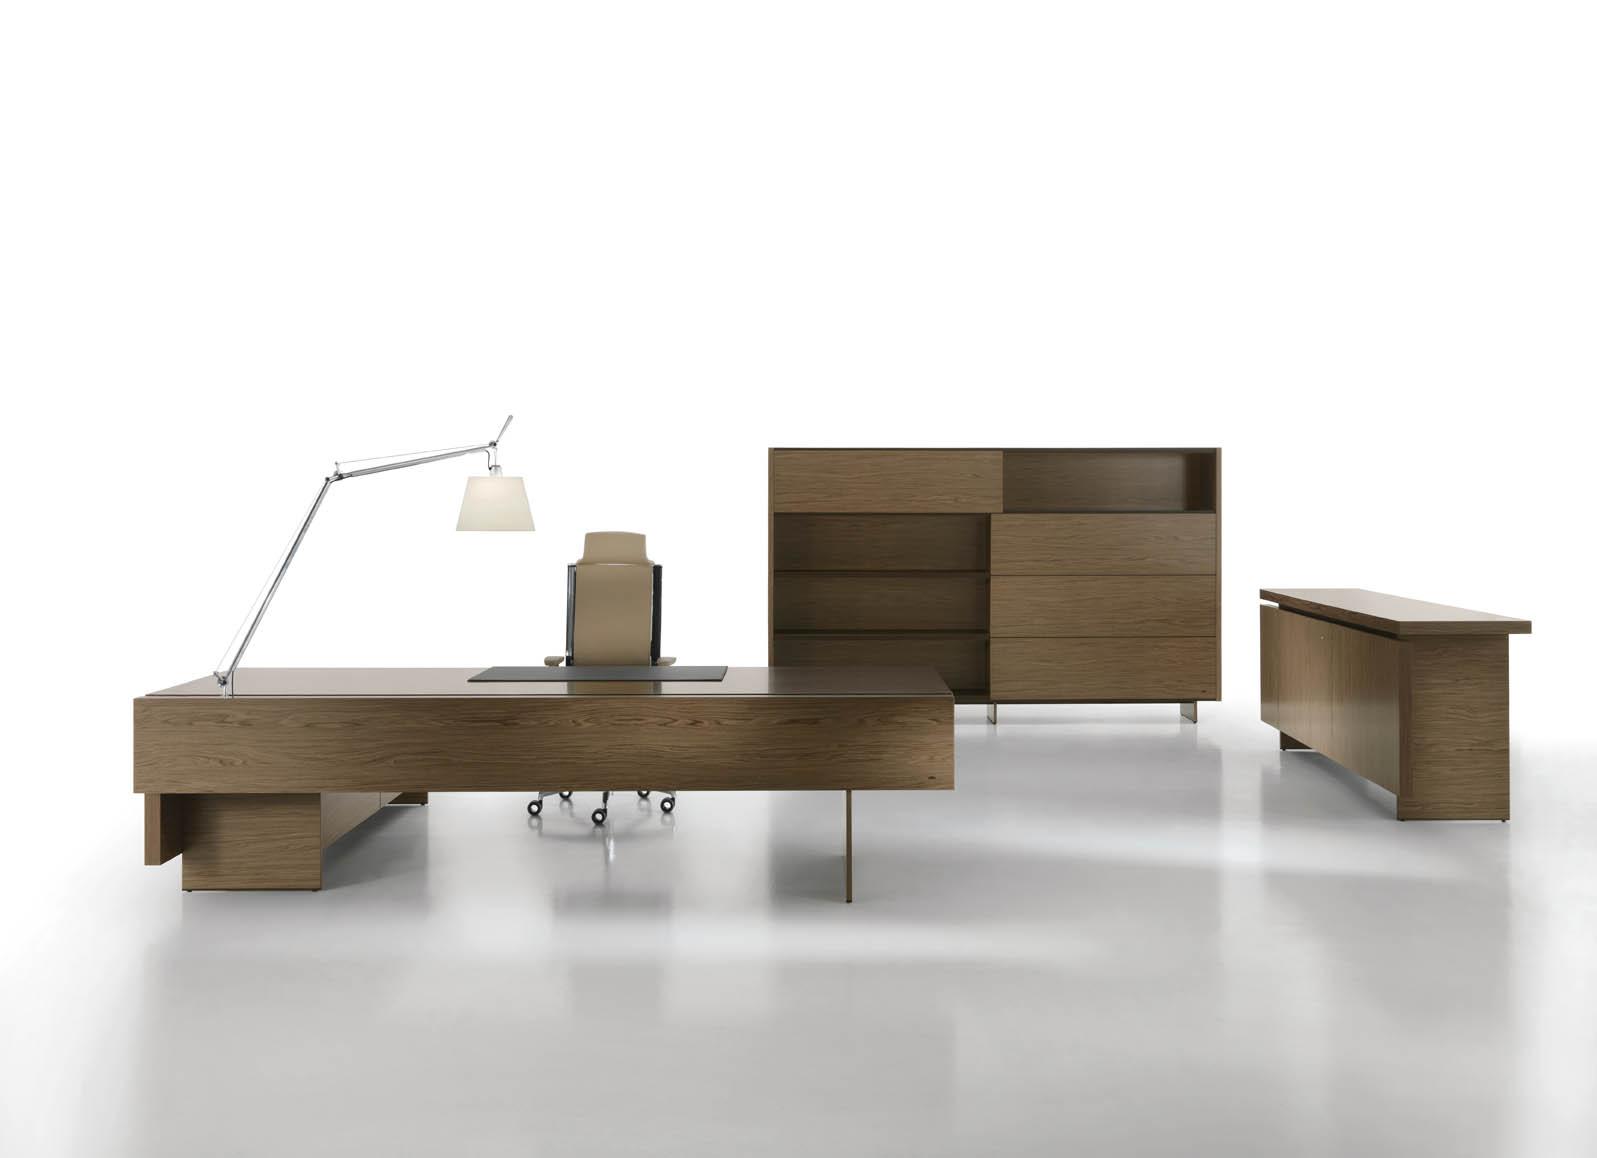 fabricant de mobilier de bureau 28 images gamme the element fabricant de mobilier de bureau. Black Bedroom Furniture Sets. Home Design Ideas